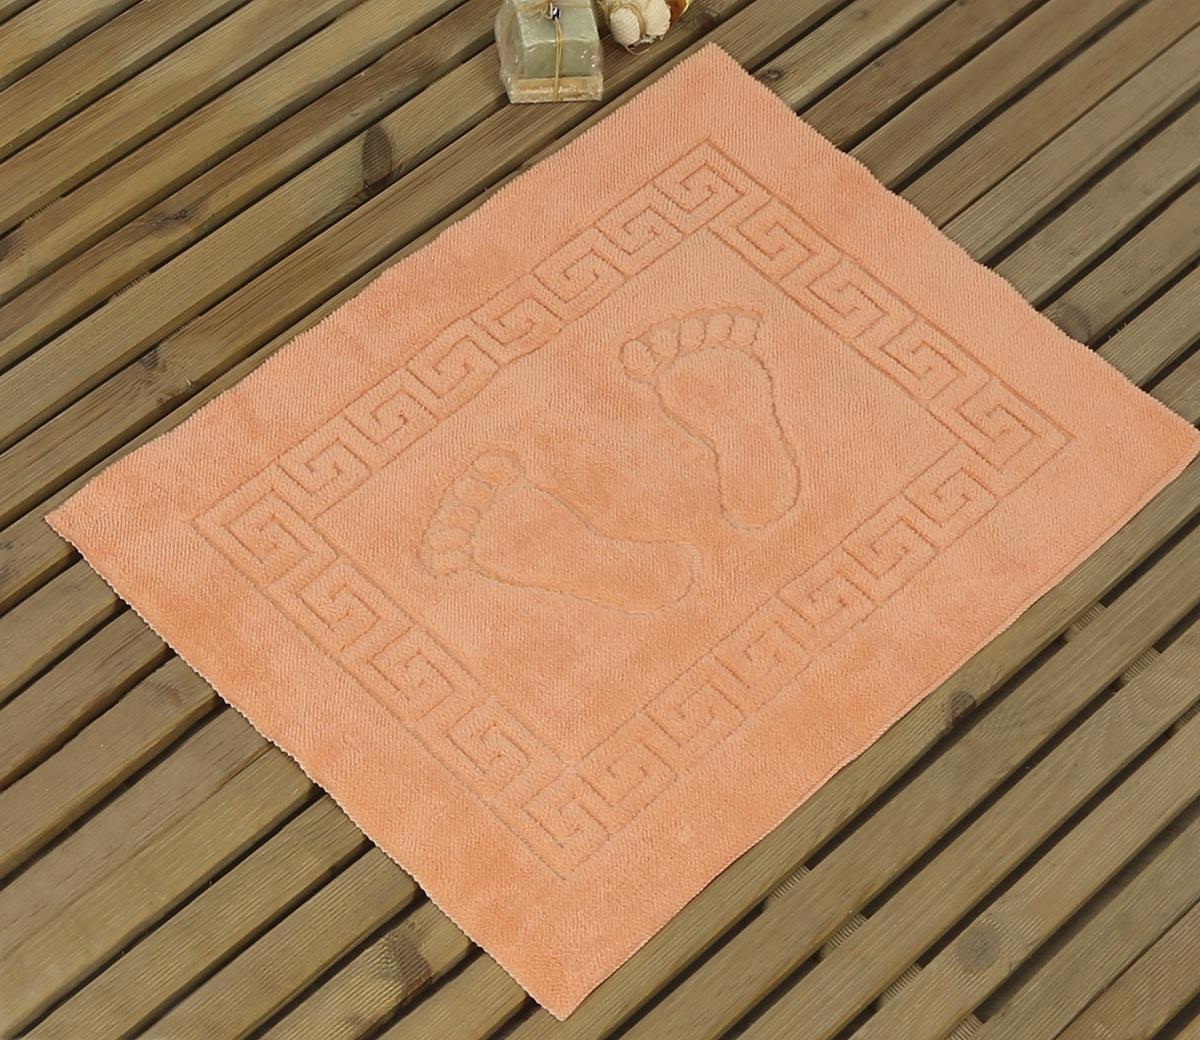 Коврик для ванной Karna Likya , цвет: абрикосовый, 50 х 70 см68/5/3Коврик Karna сделан из 100% полиэстера. Полиэстер является синтетическим волокном. Ткань, полностью изготовленная из полиэстера, даже после увлажнения, очень быстро сохнет. Изделия из полиэстера практически не требовательны к уходу и обладают высокой устойчивостью к износу. Изделия из полиэстера не мнётся и легко стирается, после стирки очень быстро высыхает. Материал очень прочный, за время использования не растягивается и не садится. А так же обладает высокой влагонепроницаемостью.